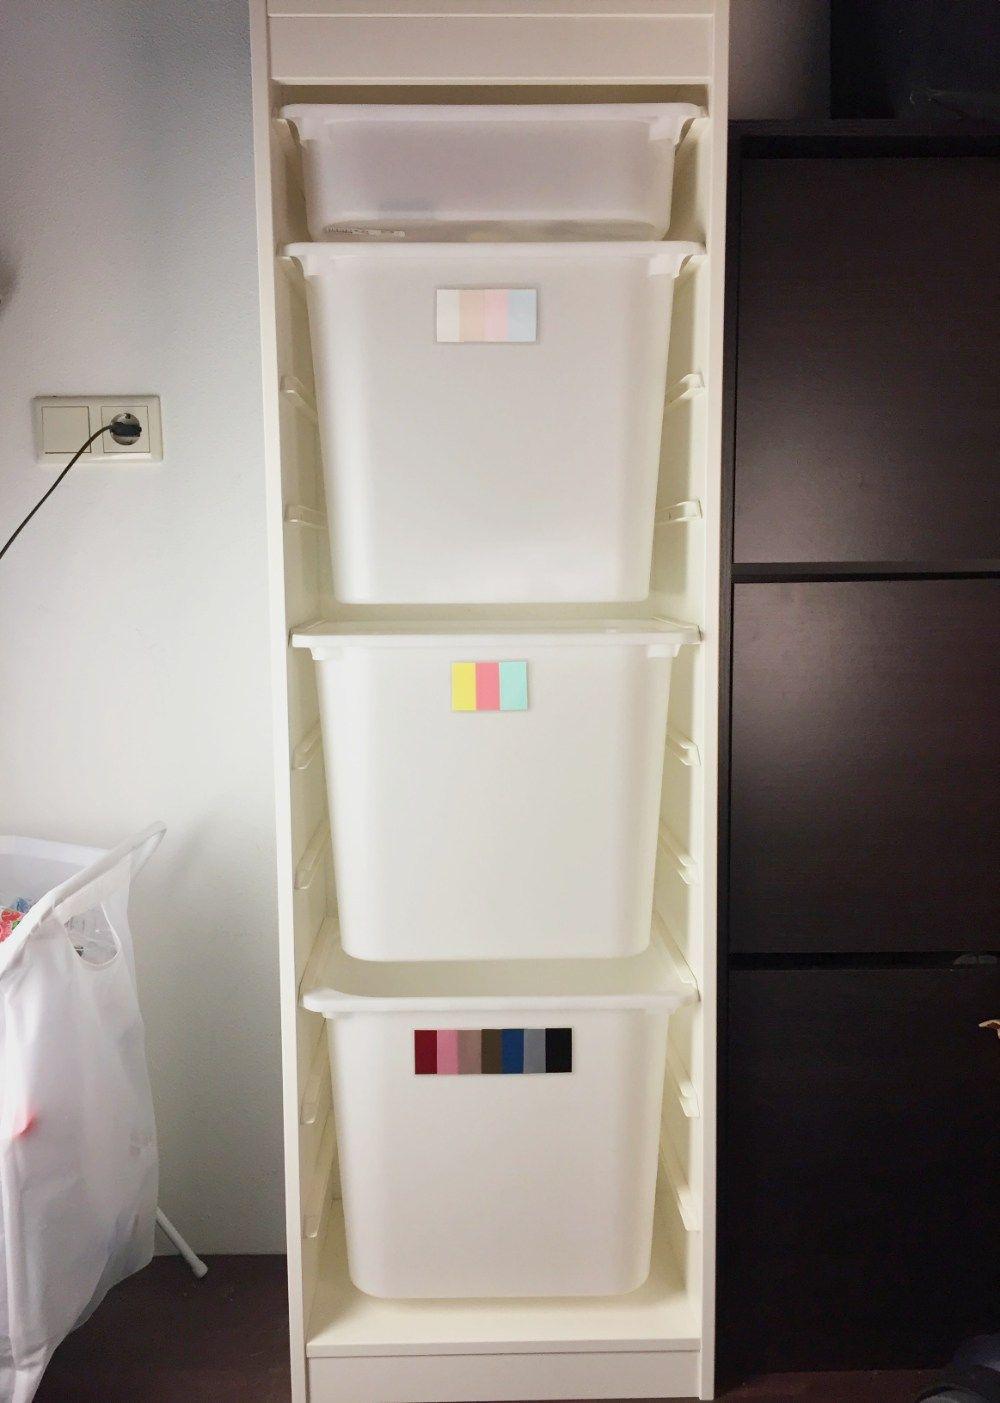 Full Size of Ikea Hauswirtschaftsraum Planen Wsche Sortieren A Way To Keep Laundry Organized And Off Bad Online Betten 160x200 Küche Kaufen Kosten Selber Badezimmer Wohnzimmer Ikea Hauswirtschaftsraum Planen